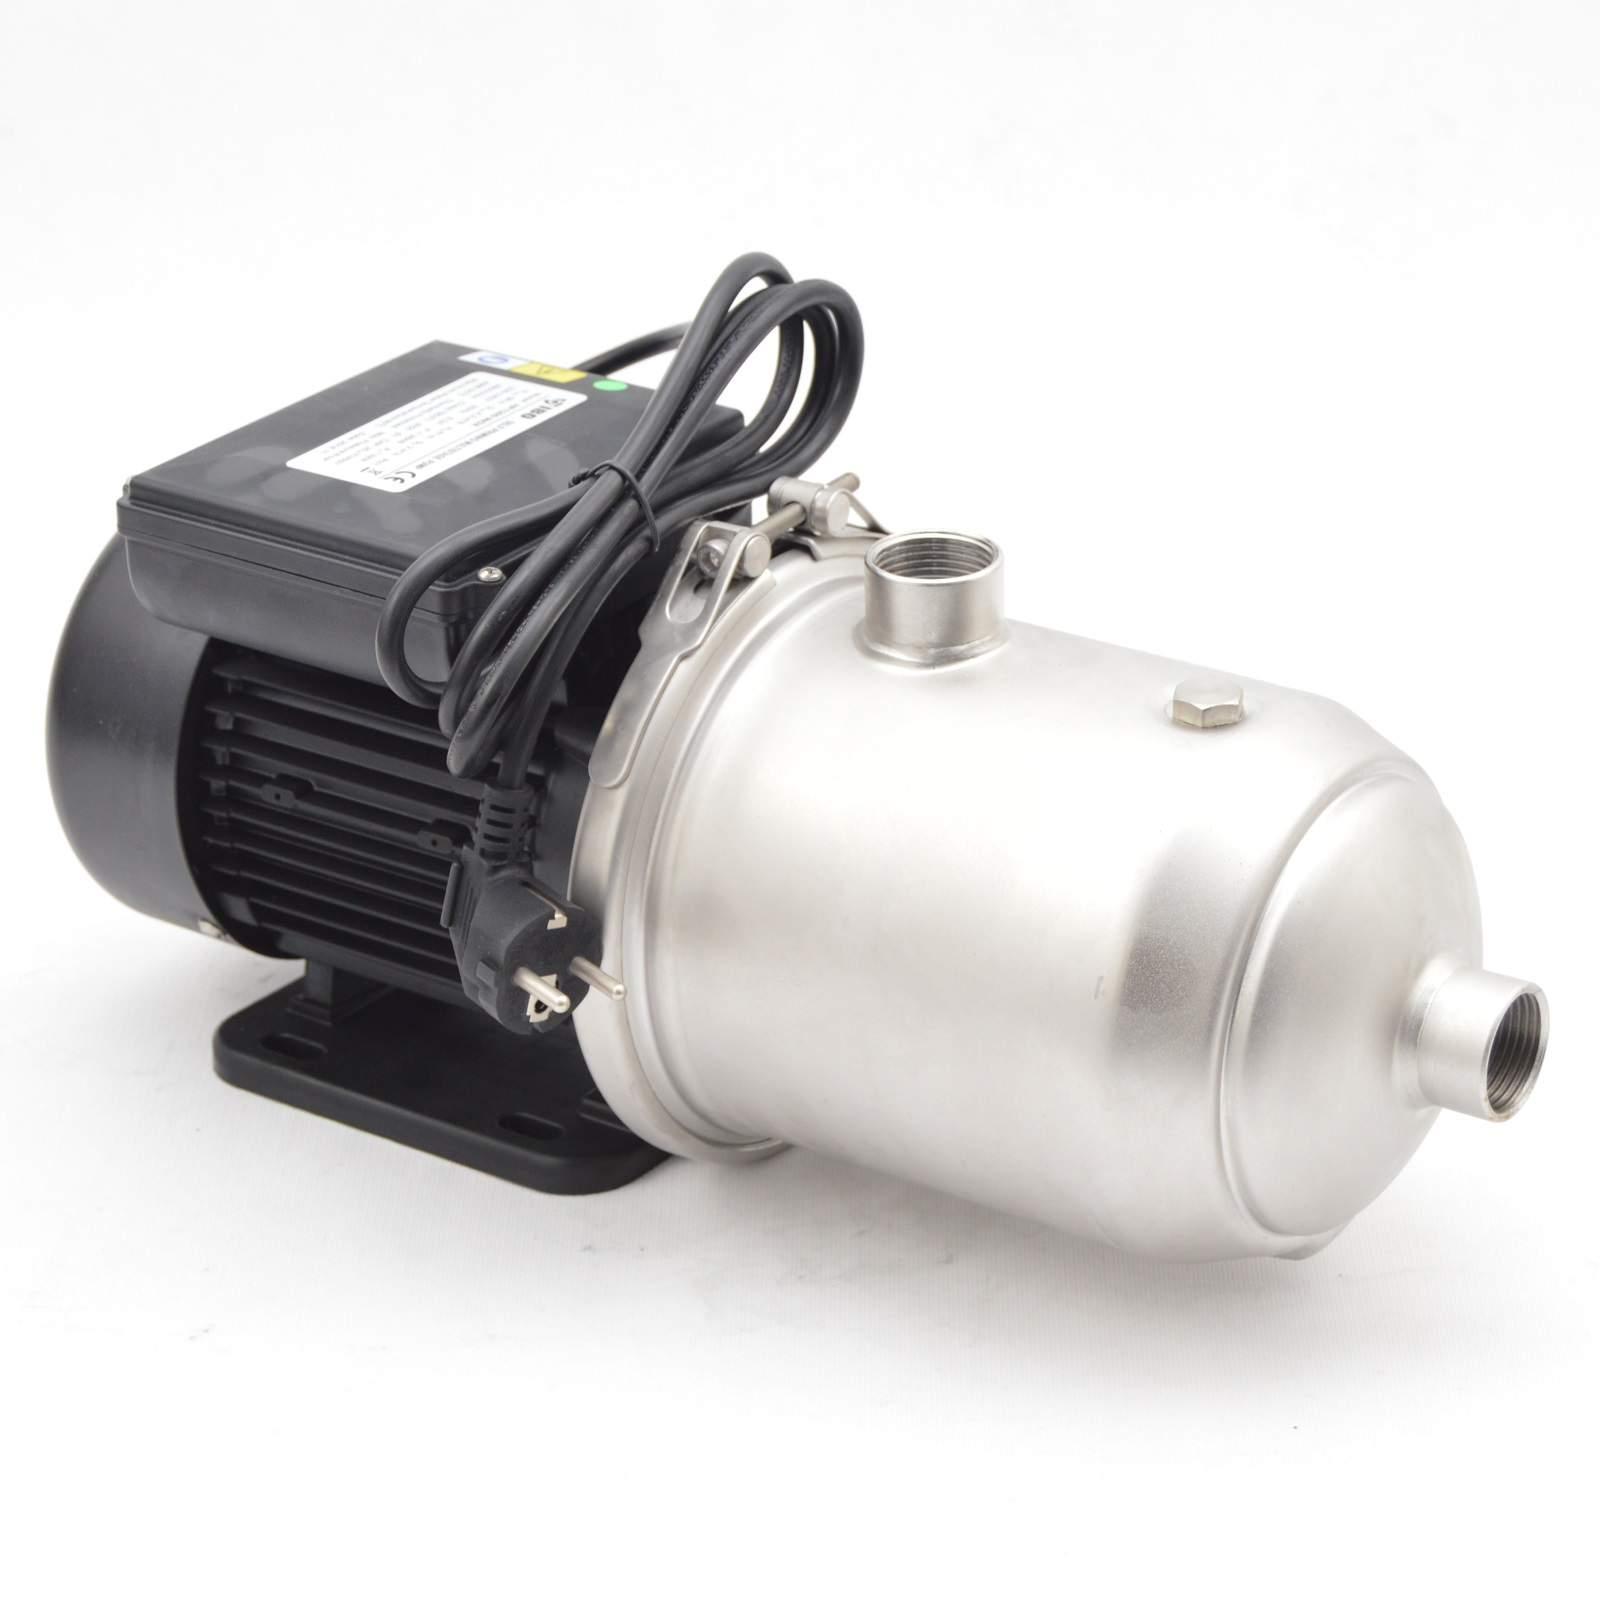 garten pumpe frisch hochwertige kreiselpumpe gartenpumpe hp1300 inox 4200 l h 5 8 bar of garten pumpe